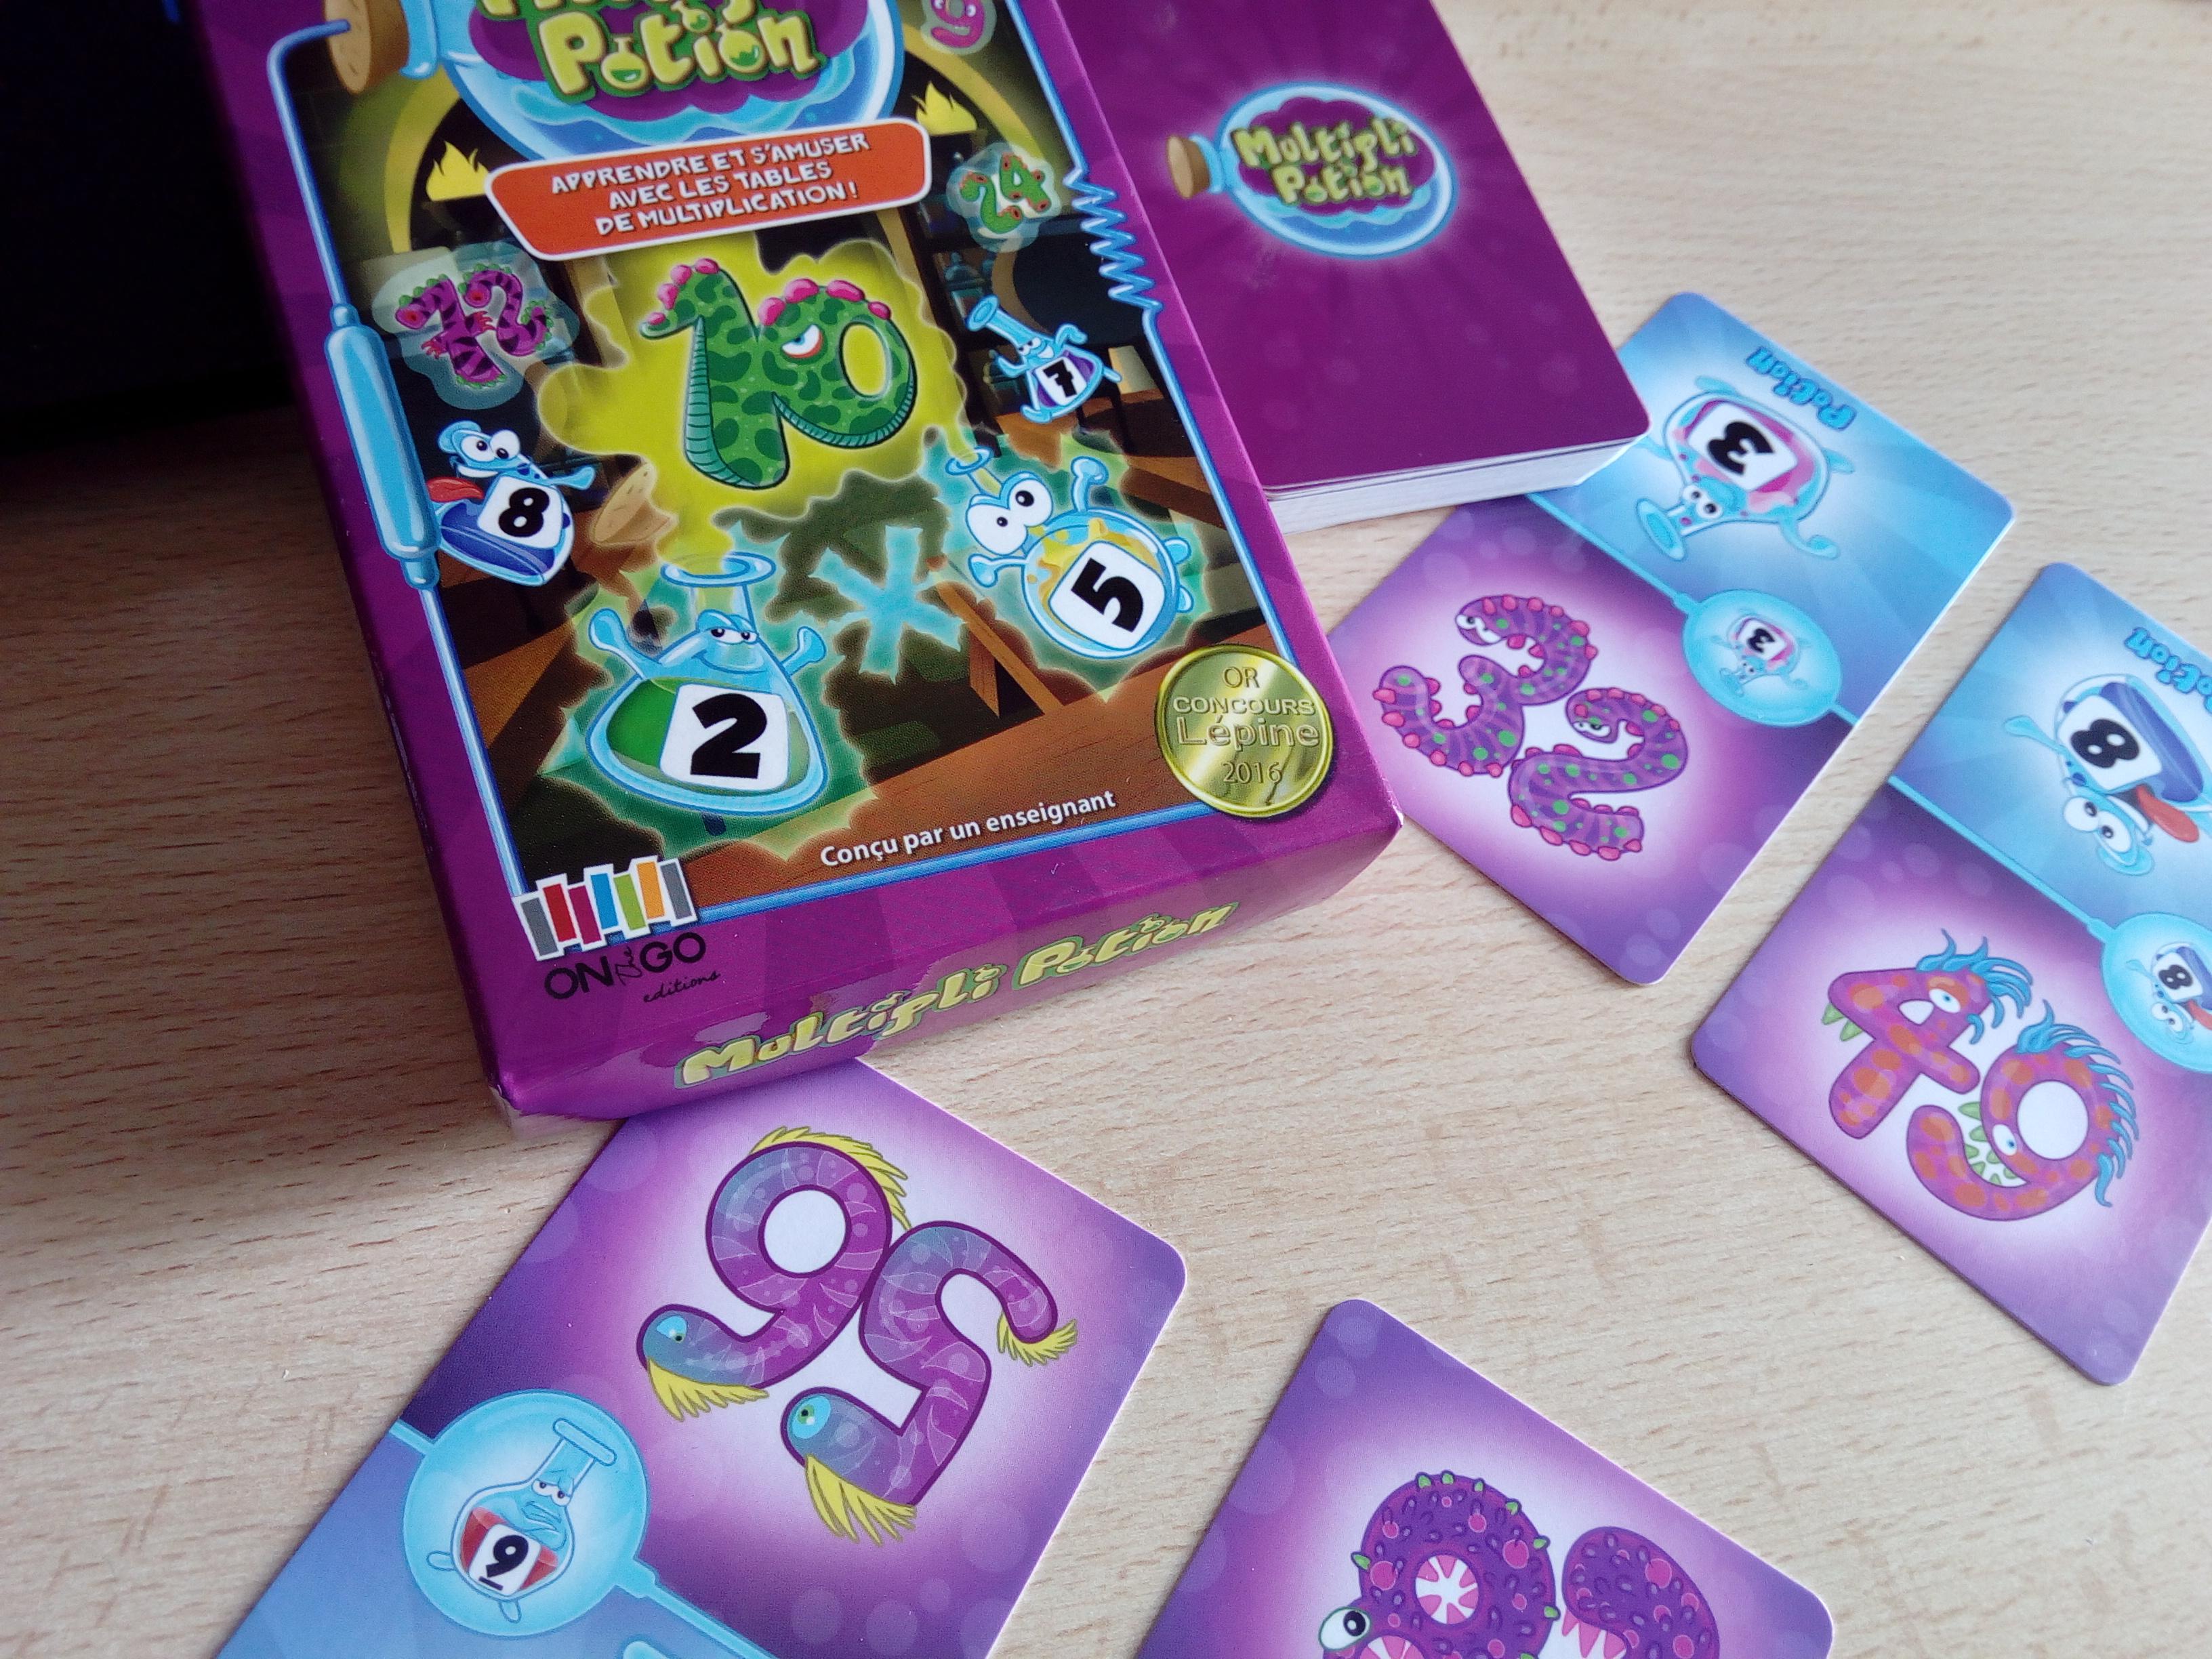 Multipli potion un jeu con u par un enseignant pour - Jeu pour apprendre les table de multiplication ...